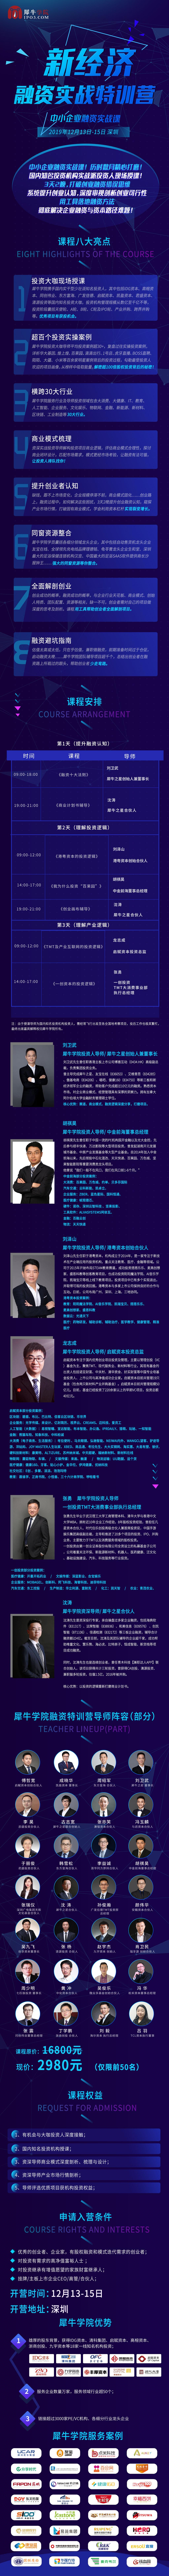 融资班长图(7).jpg